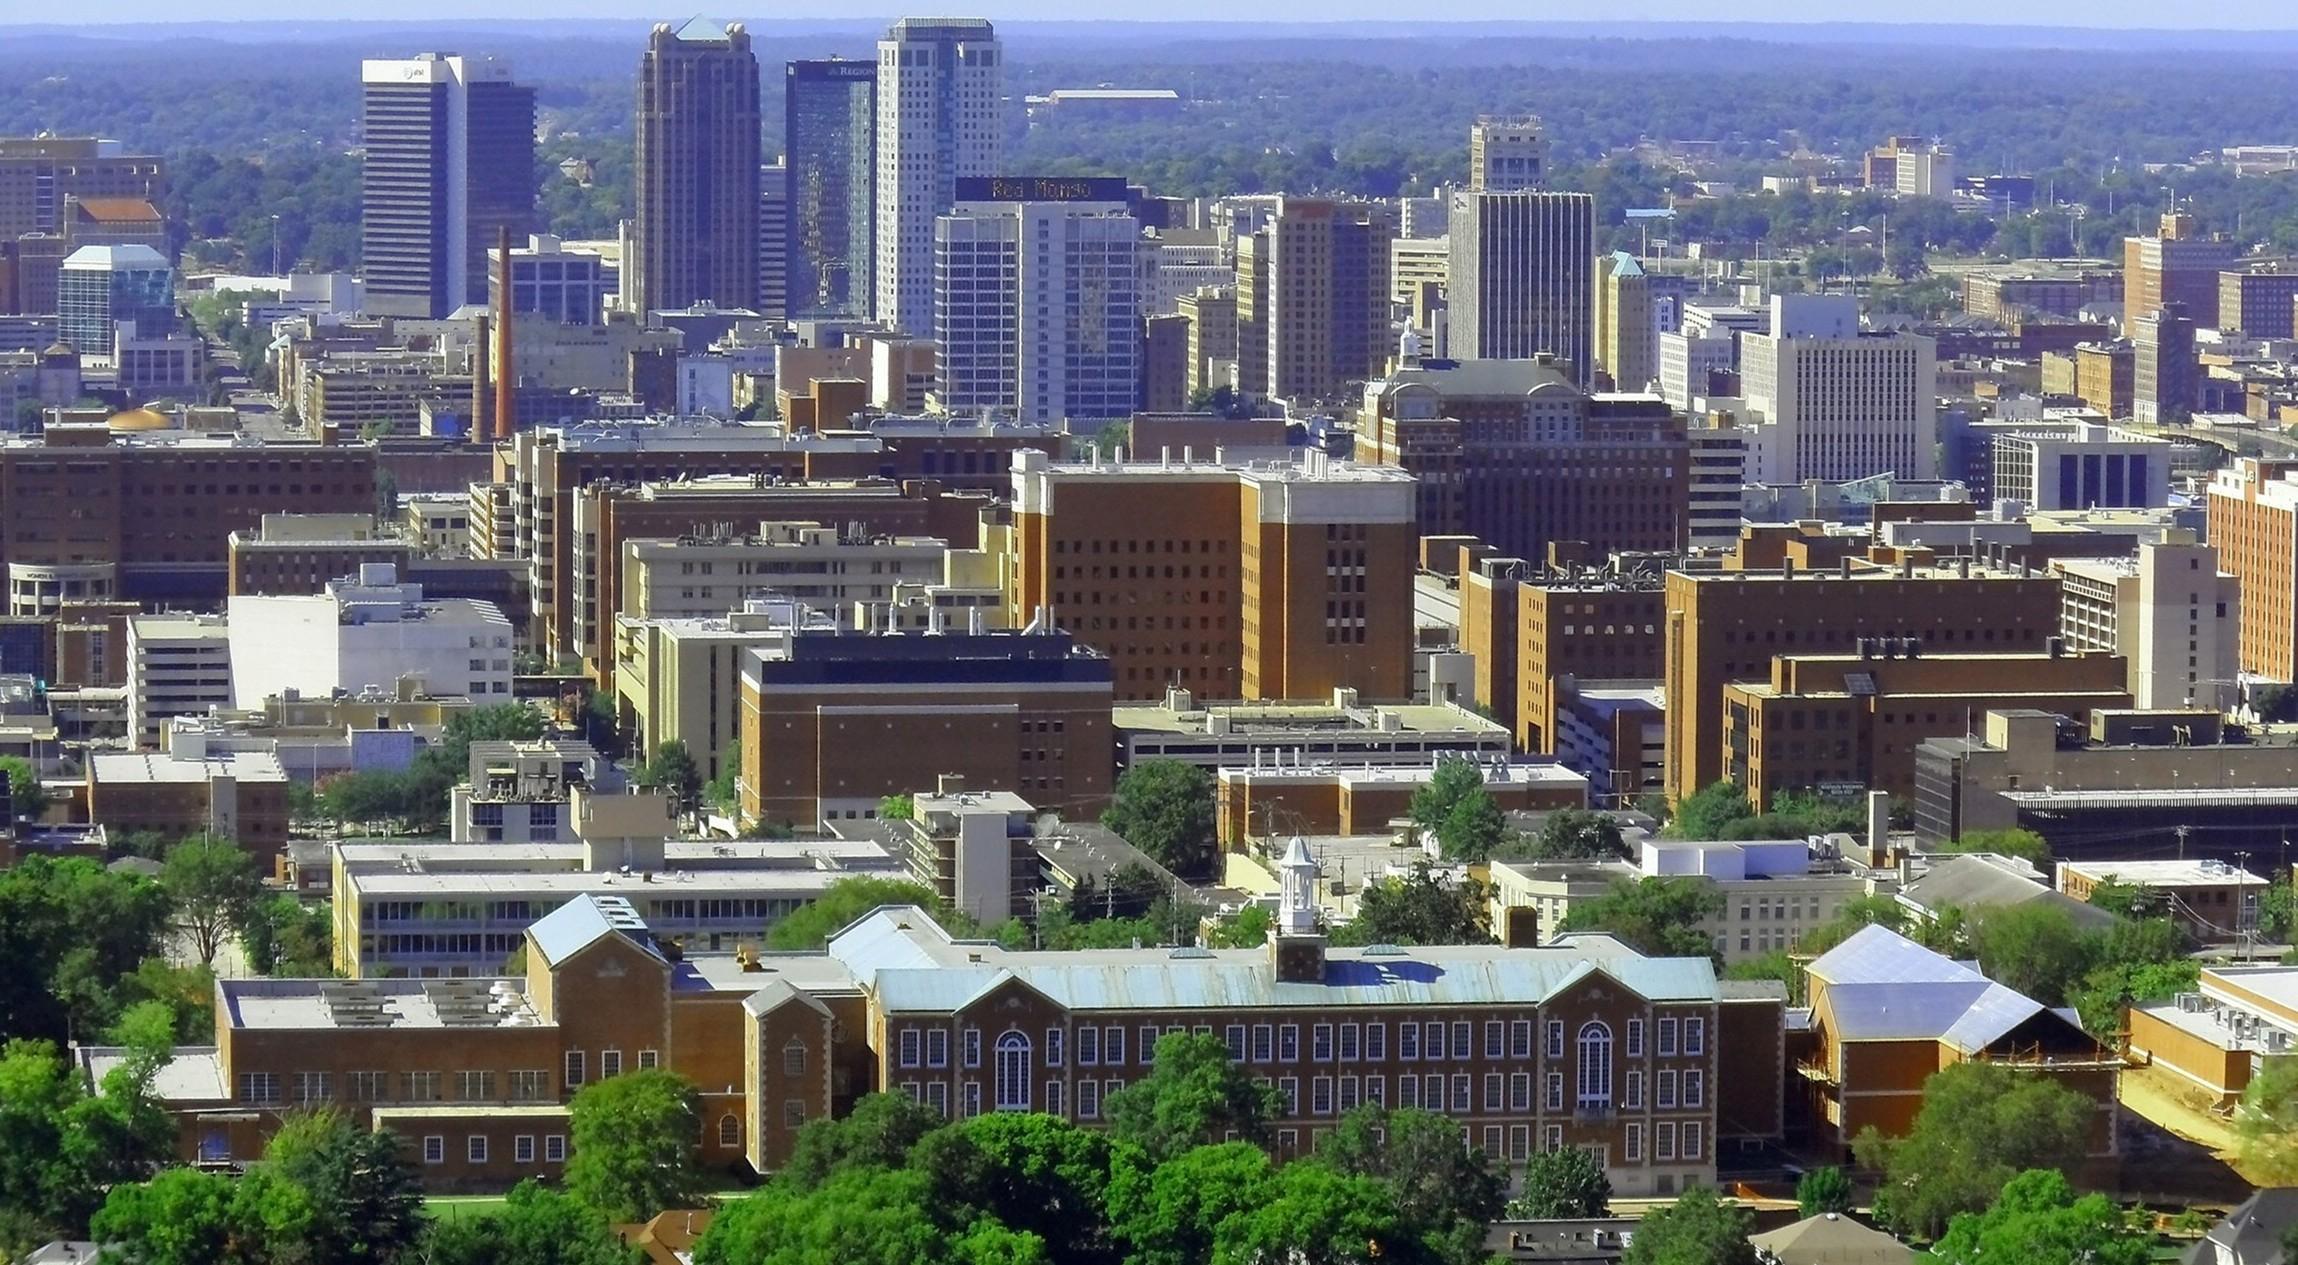 В Бирмингеме развито машиностроение и текстильная промышленность. Фото: grouptraveldirectory.com